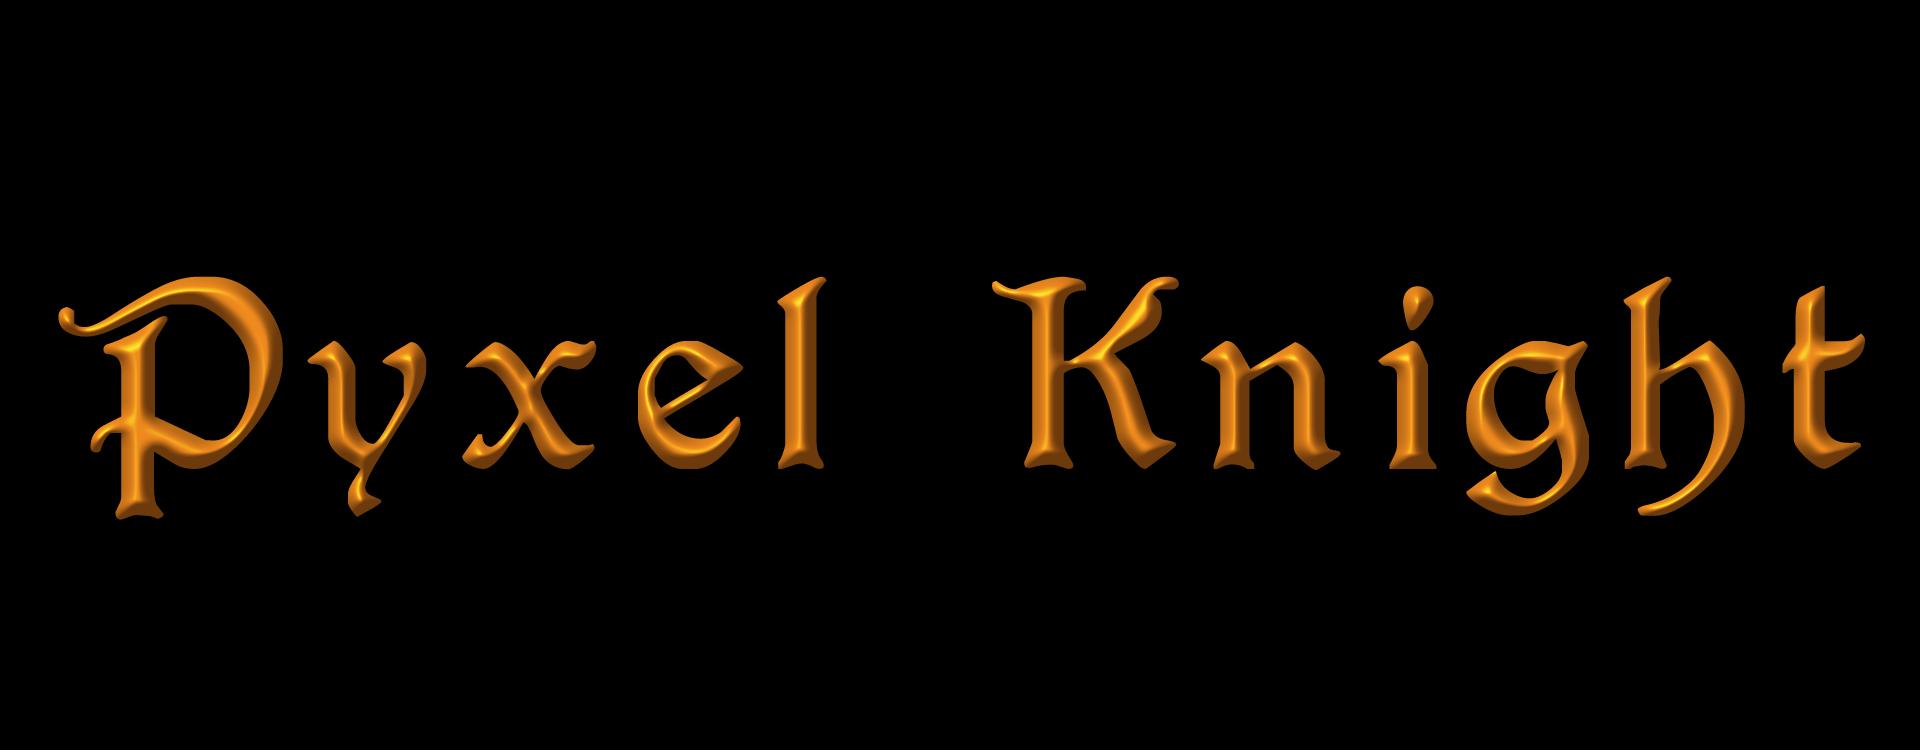 Pyxel Knight - Engagement Quest